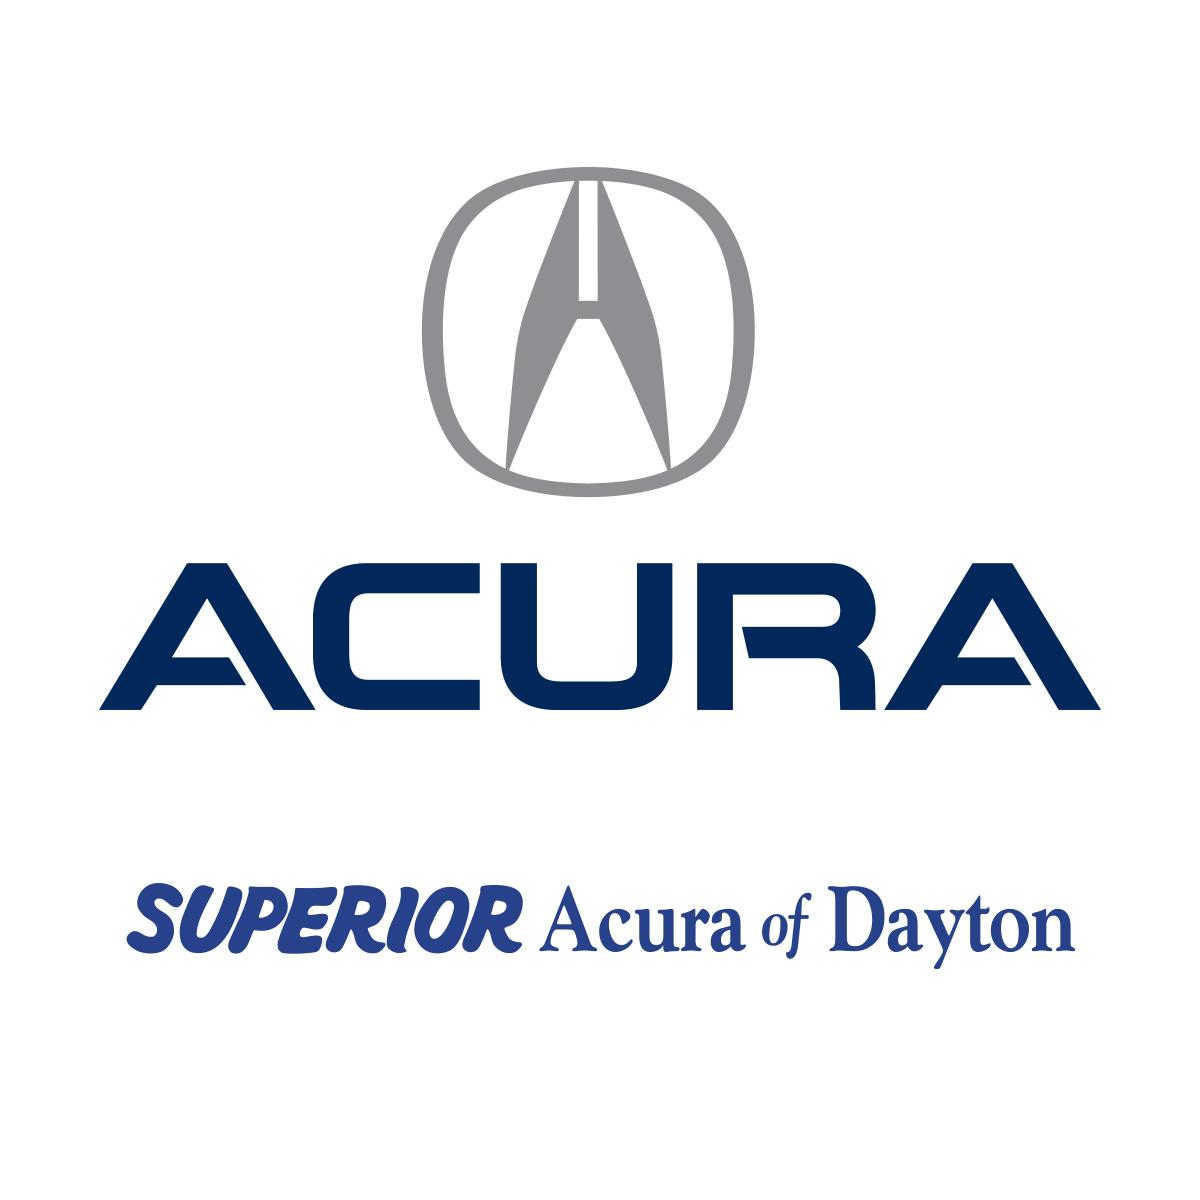 Acura - 1000 x 1000.jpg